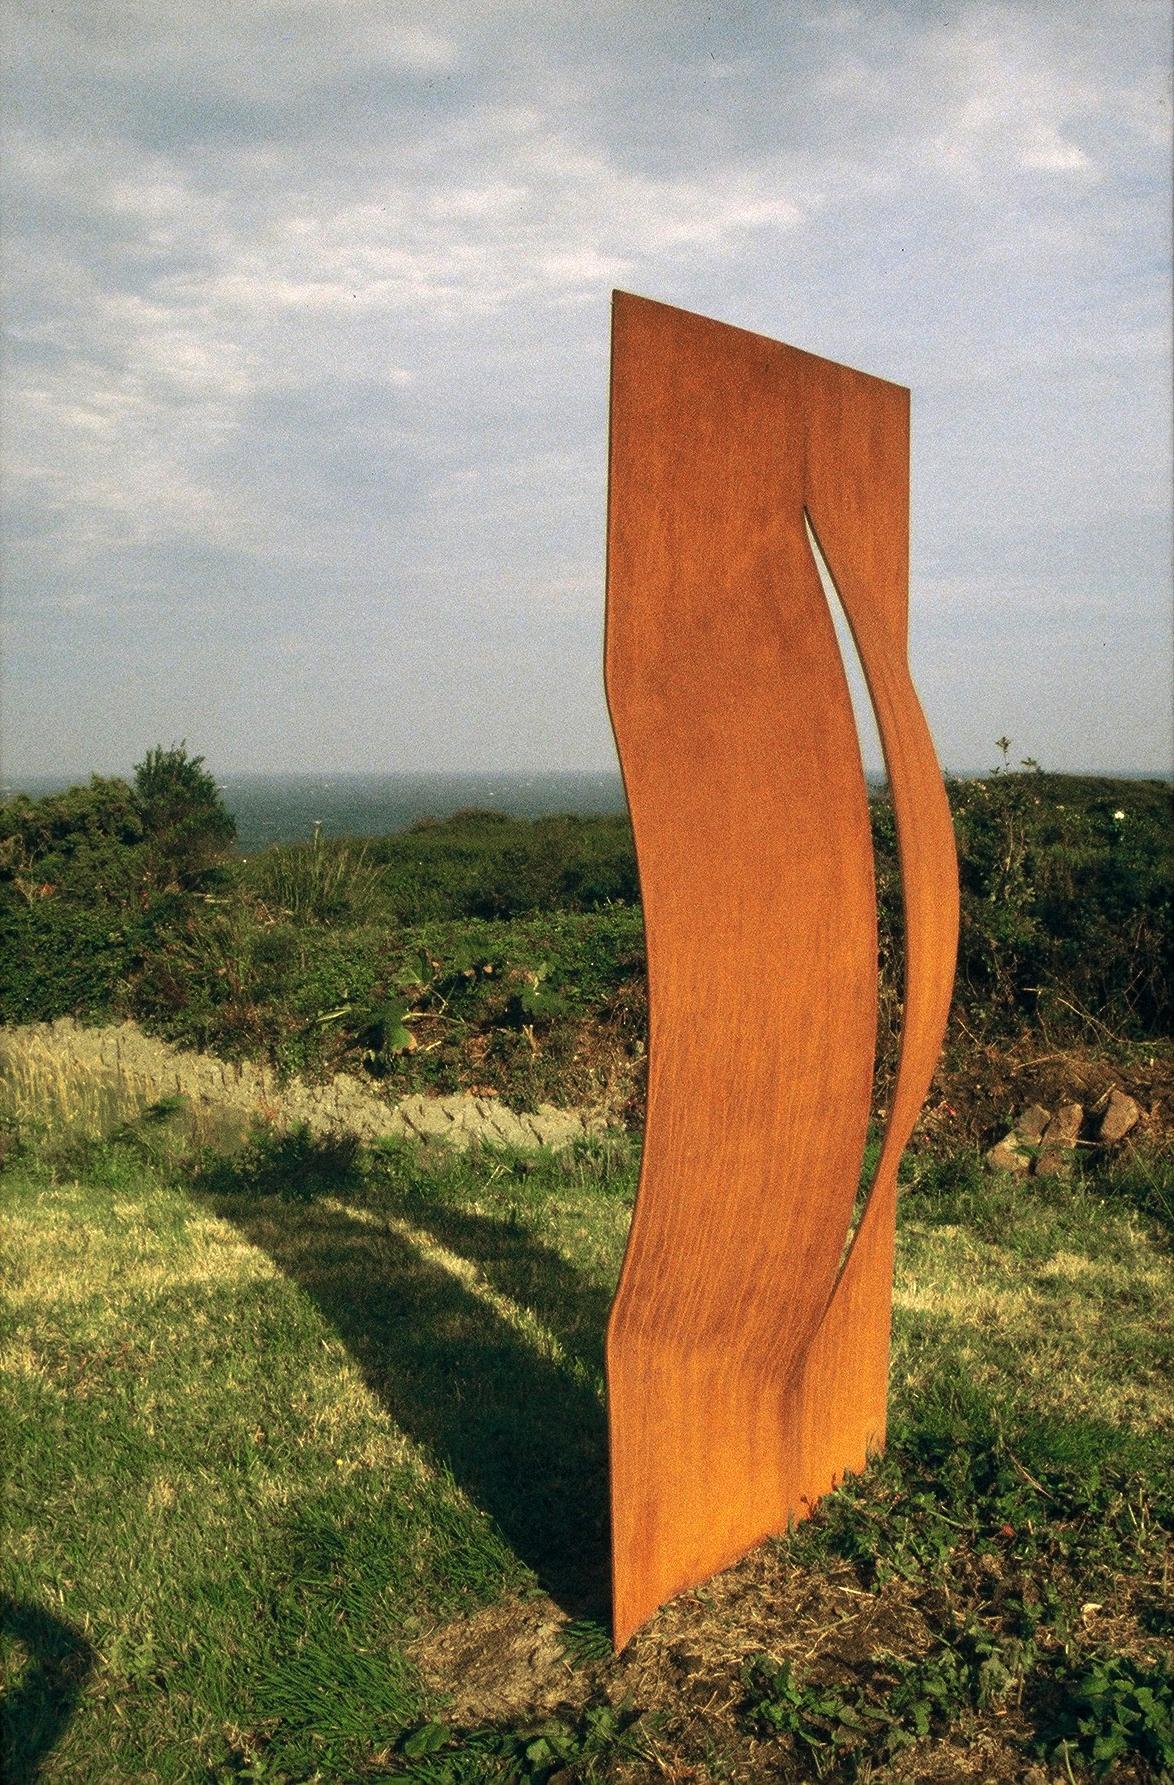 'A Small walk no 5' garden installation